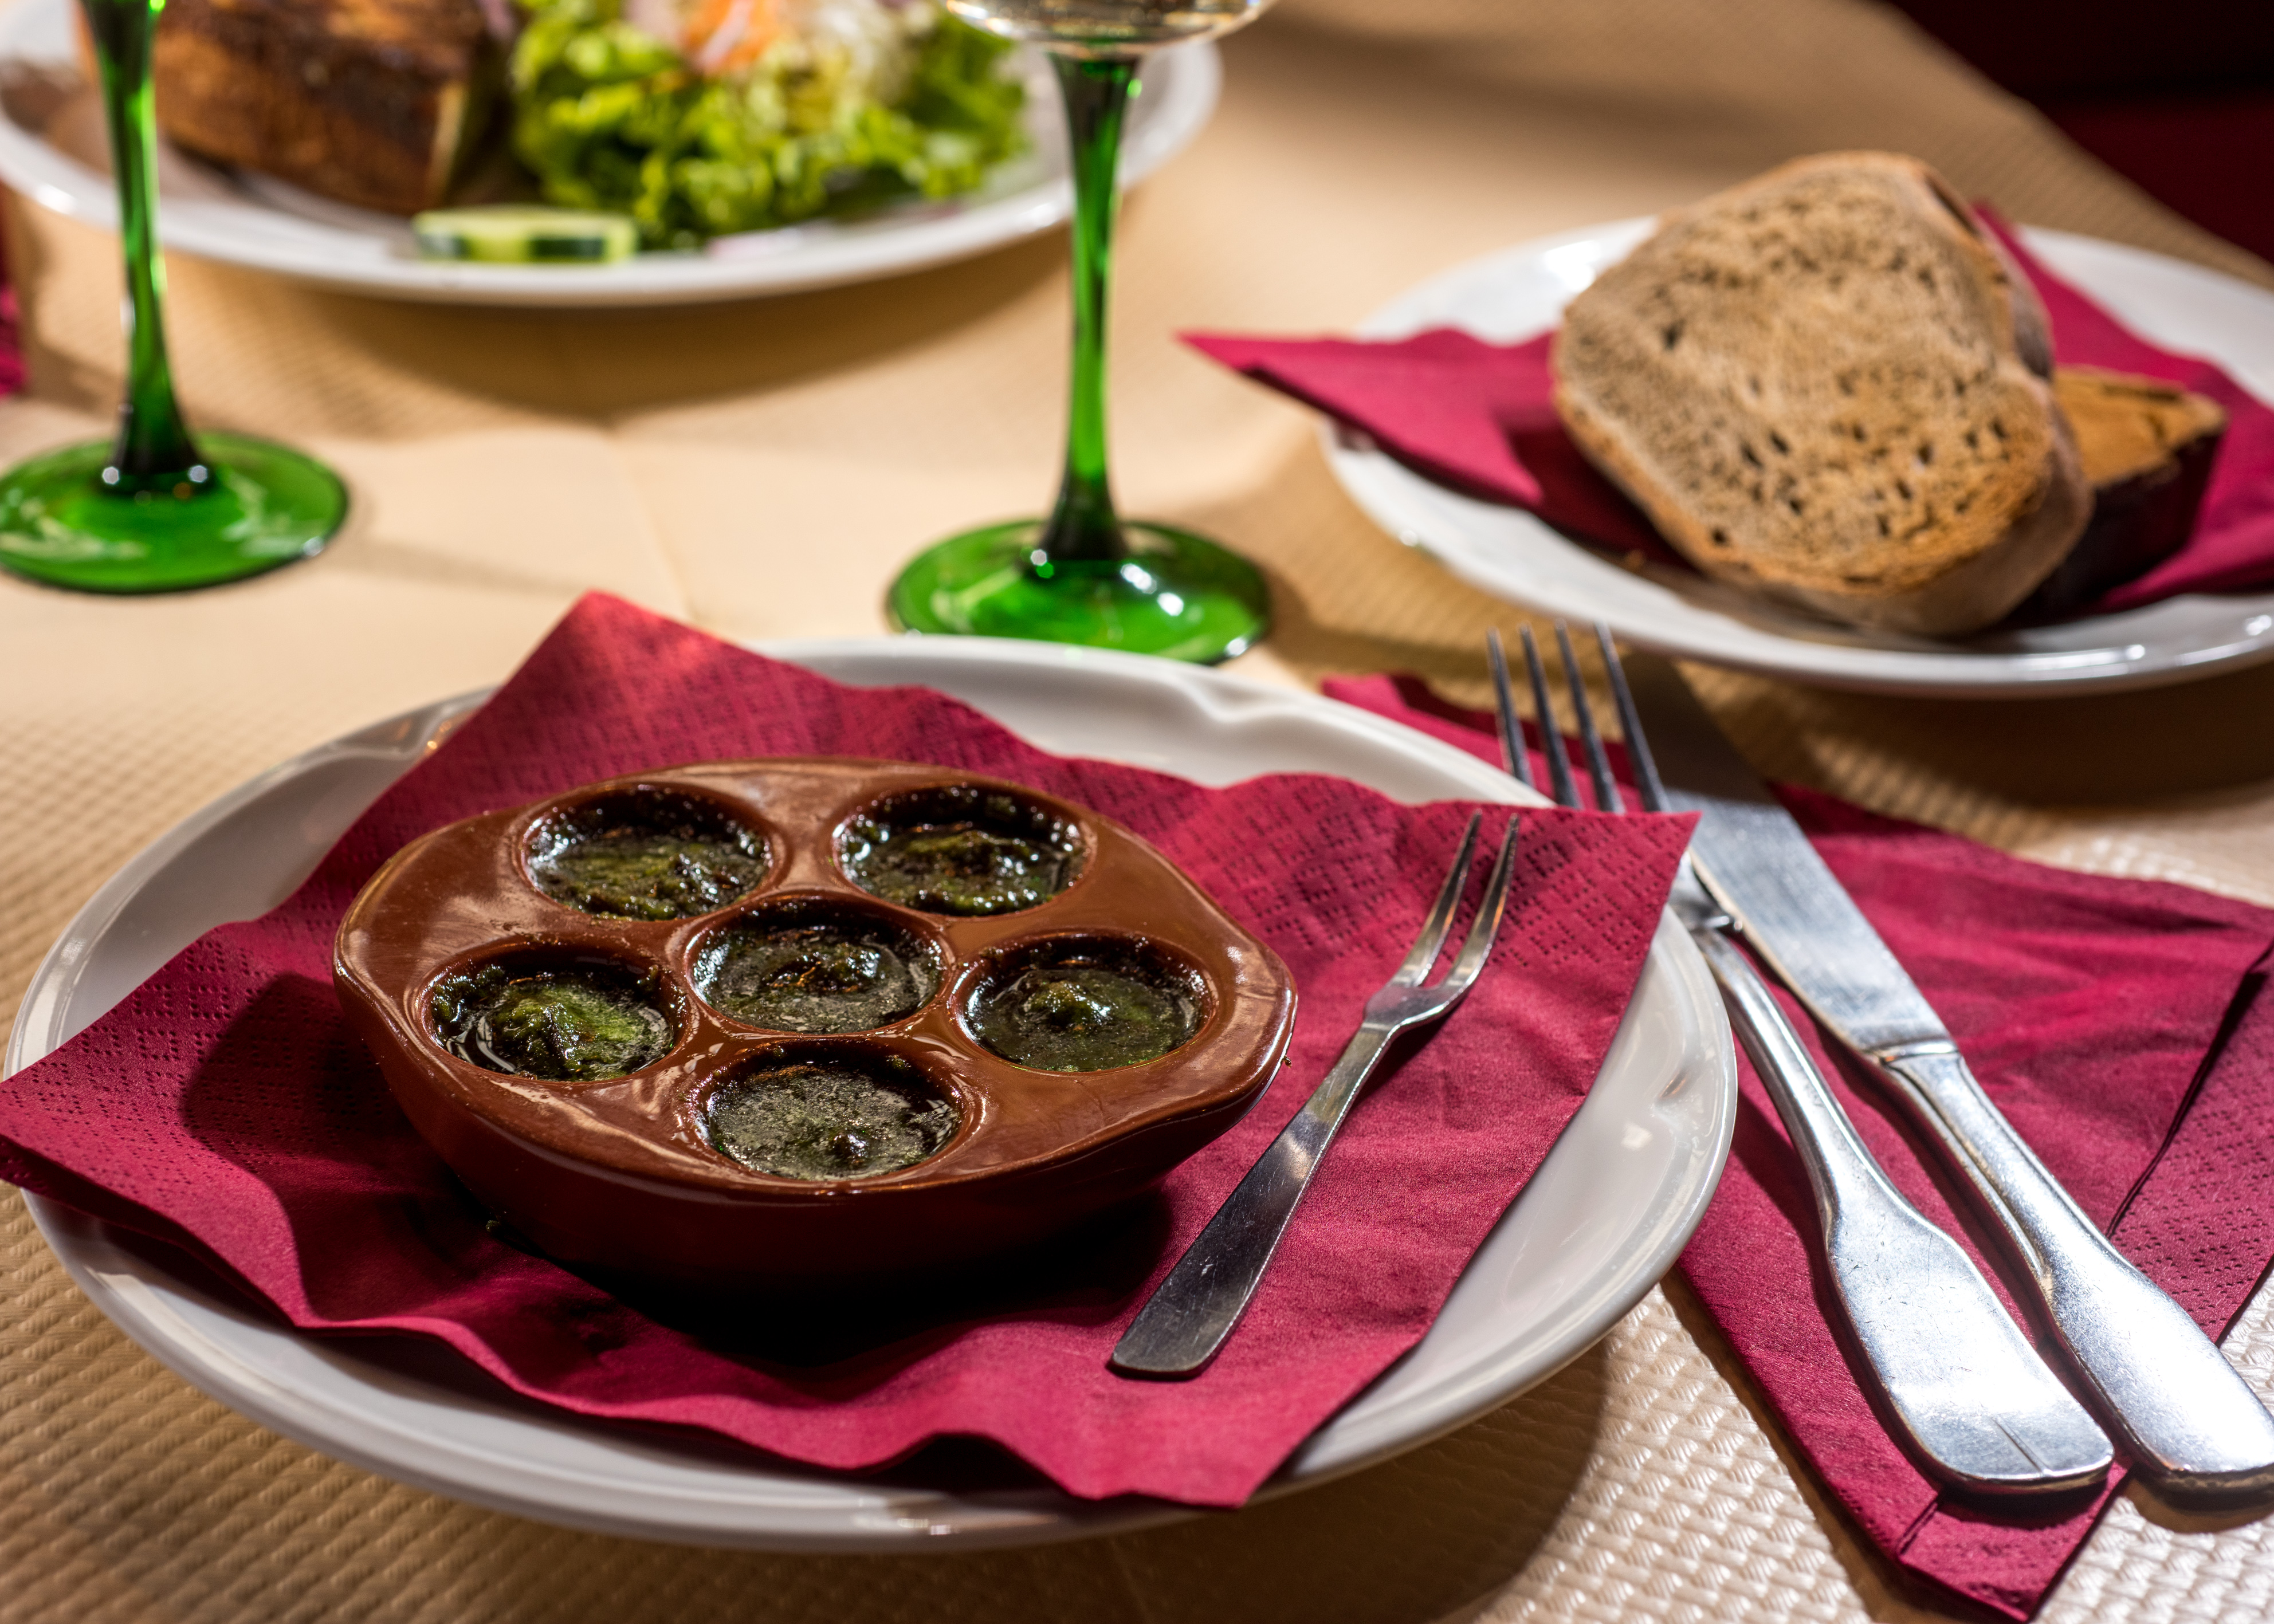 Les escargots à l'alsacienne